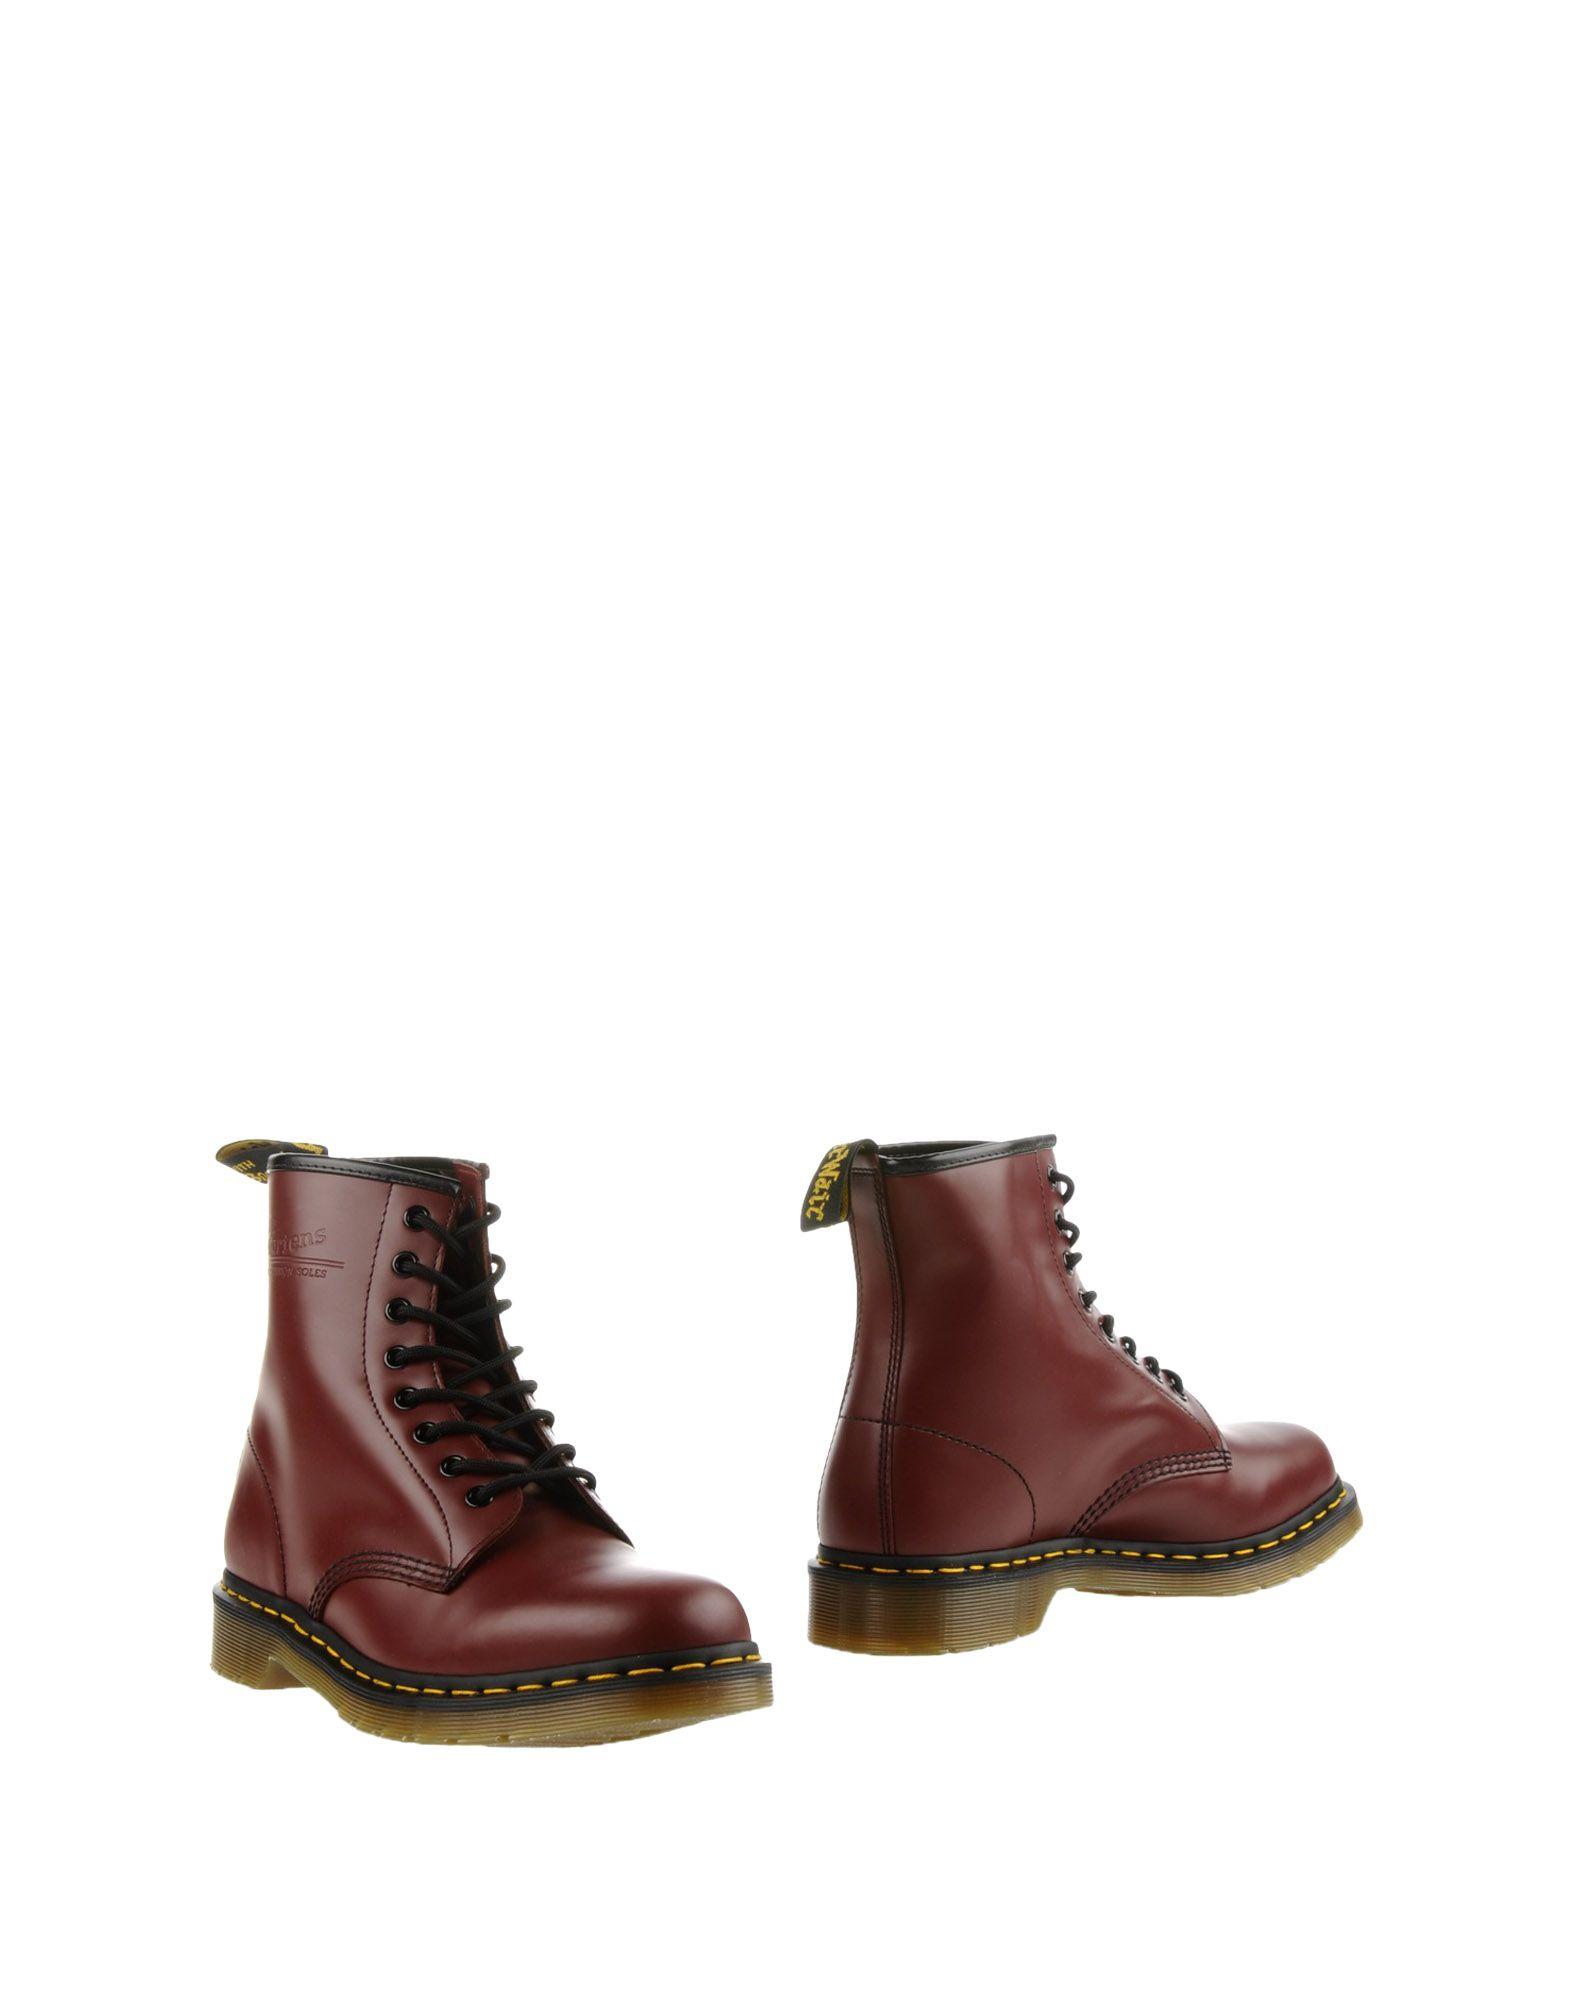 Фото - DR. MARTENS Полусапоги и высокие ботинки sebastian полусапоги и высокие ботинки